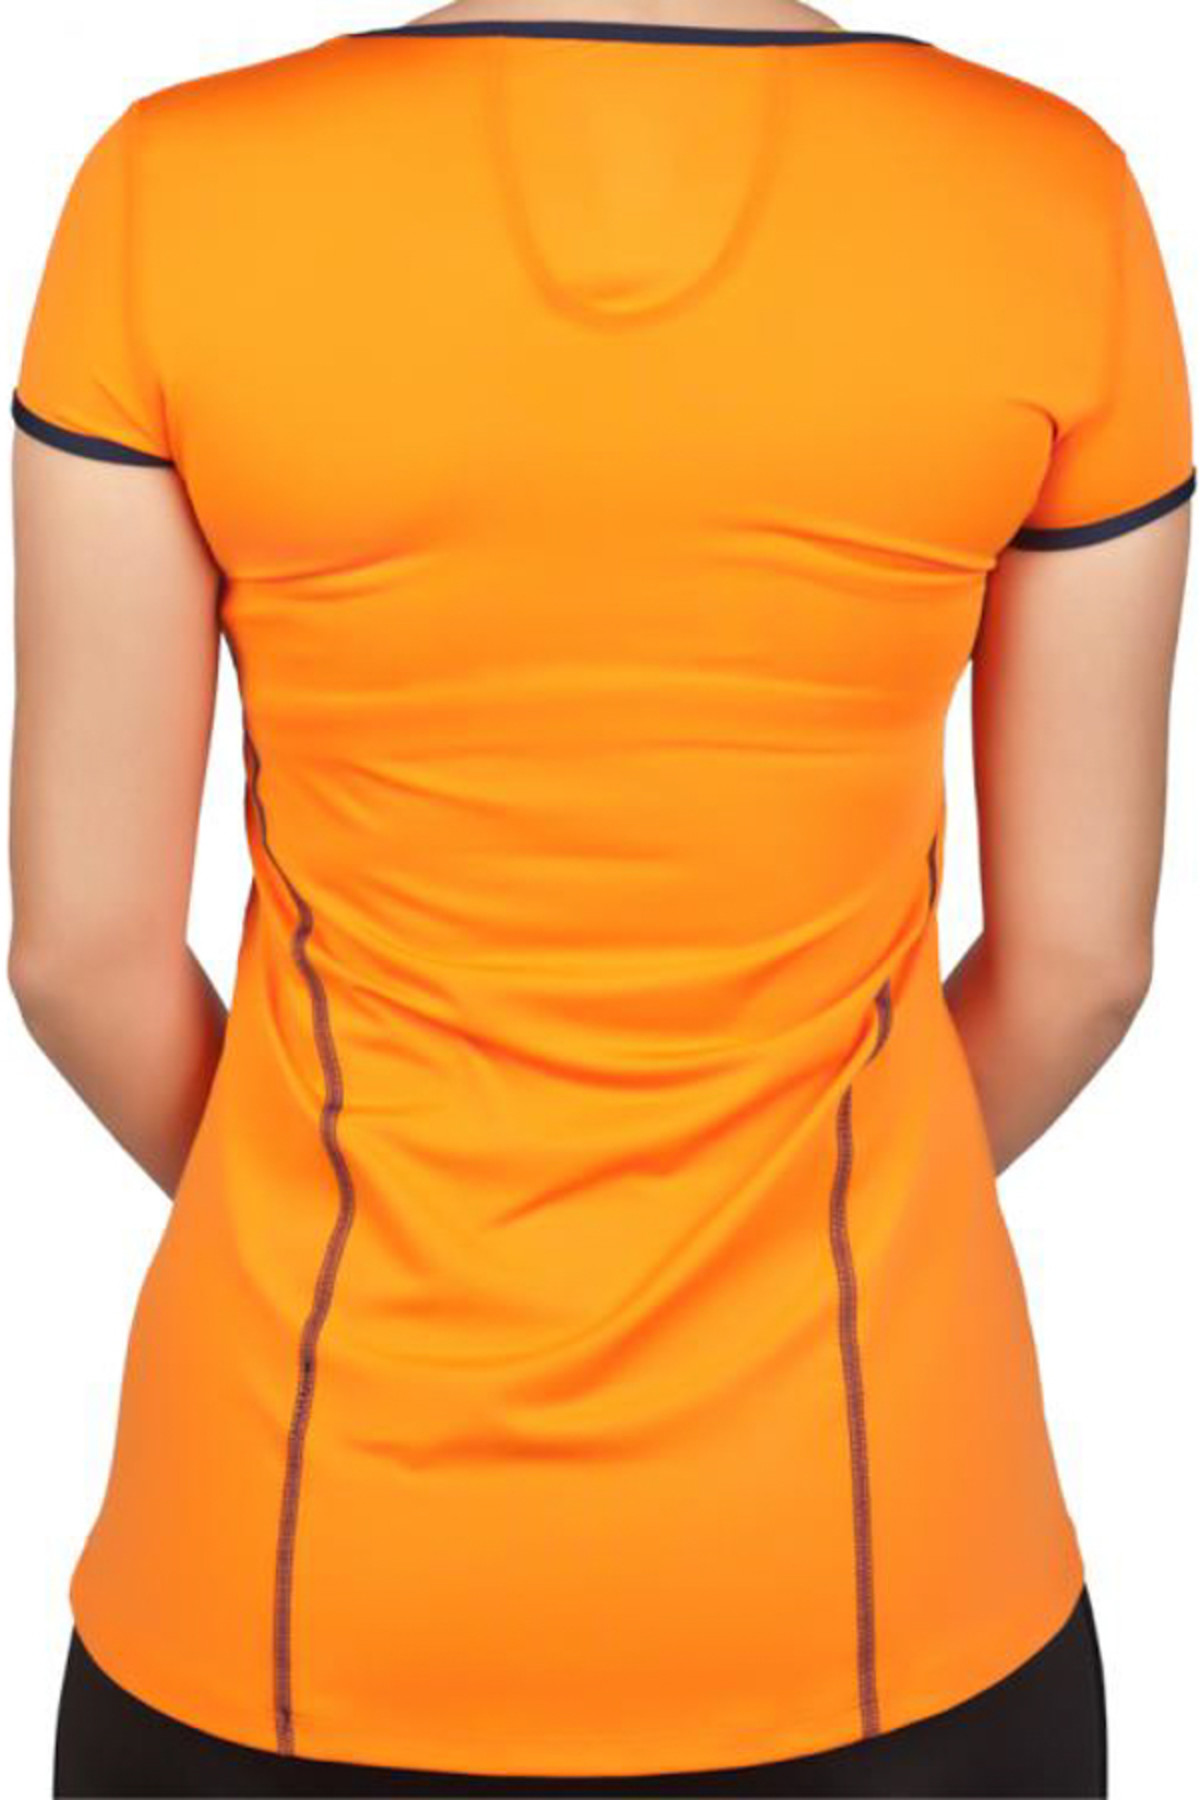 Exuma Kadın Turuncu Spor T-shirt - 142252 2